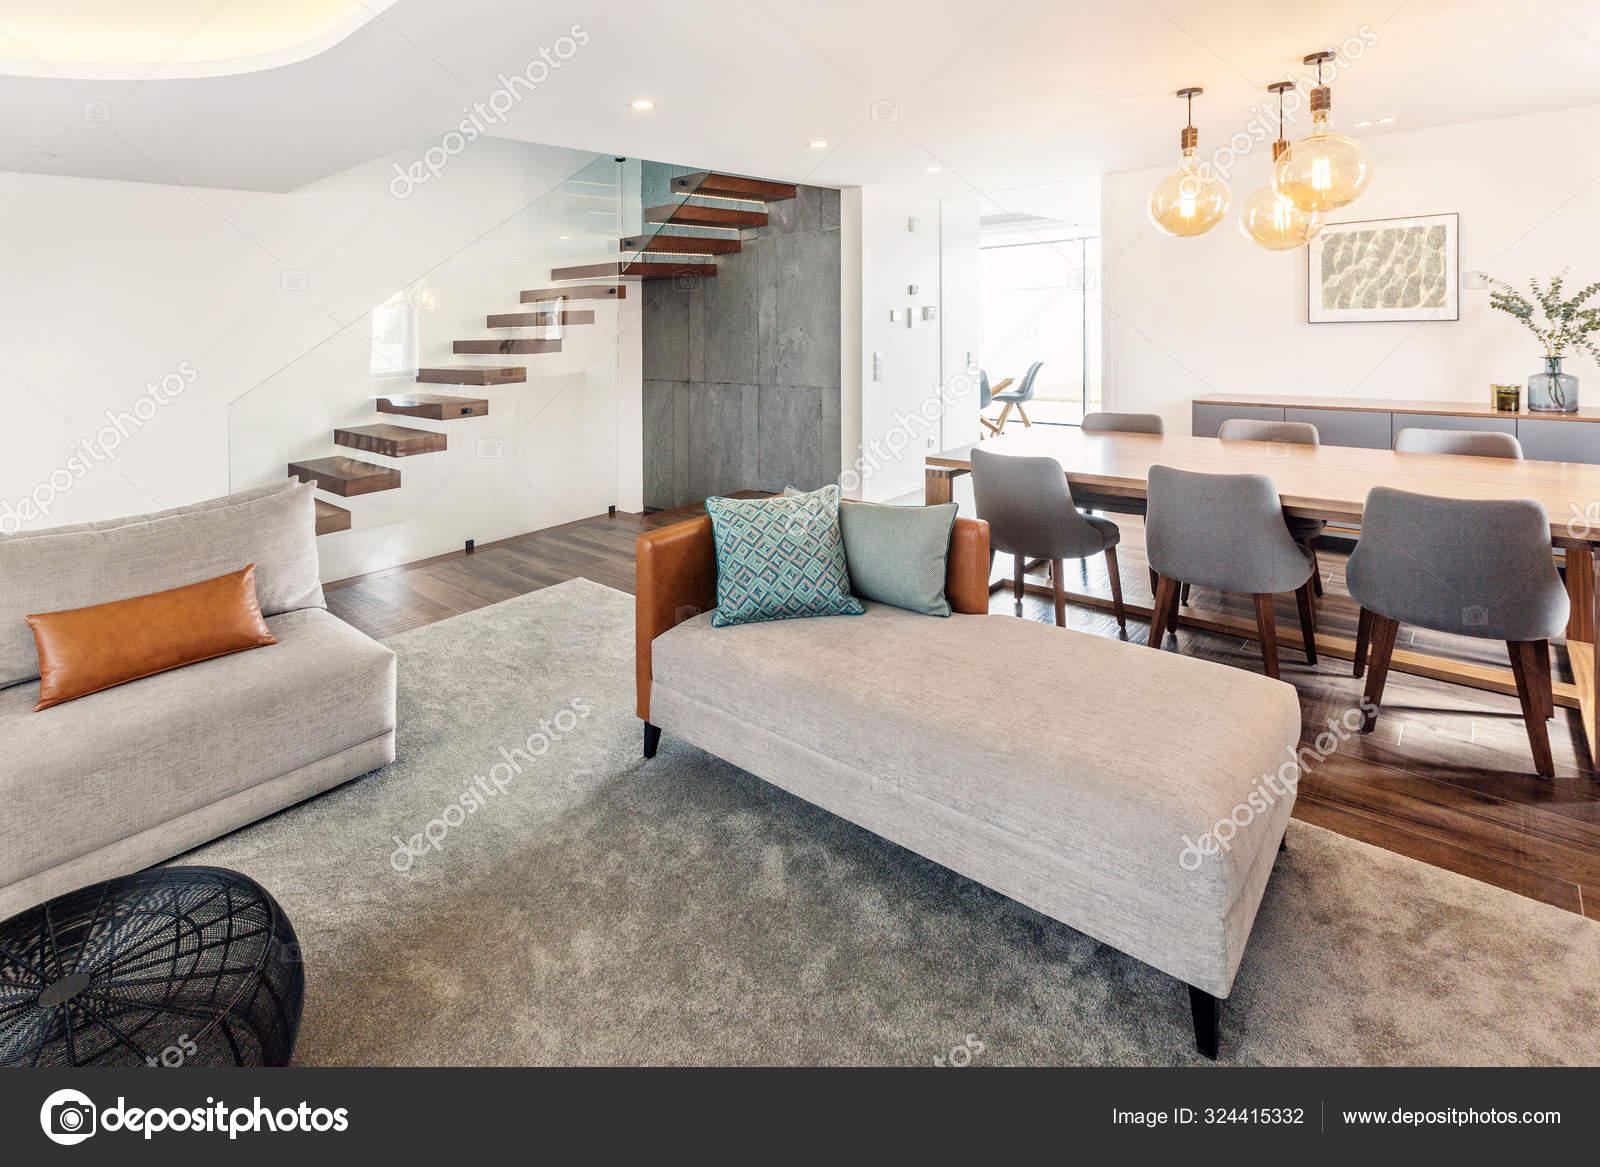 Escalier Interieur Maison Moderne salle séjour design intérieur moderne avec escalier couleurs